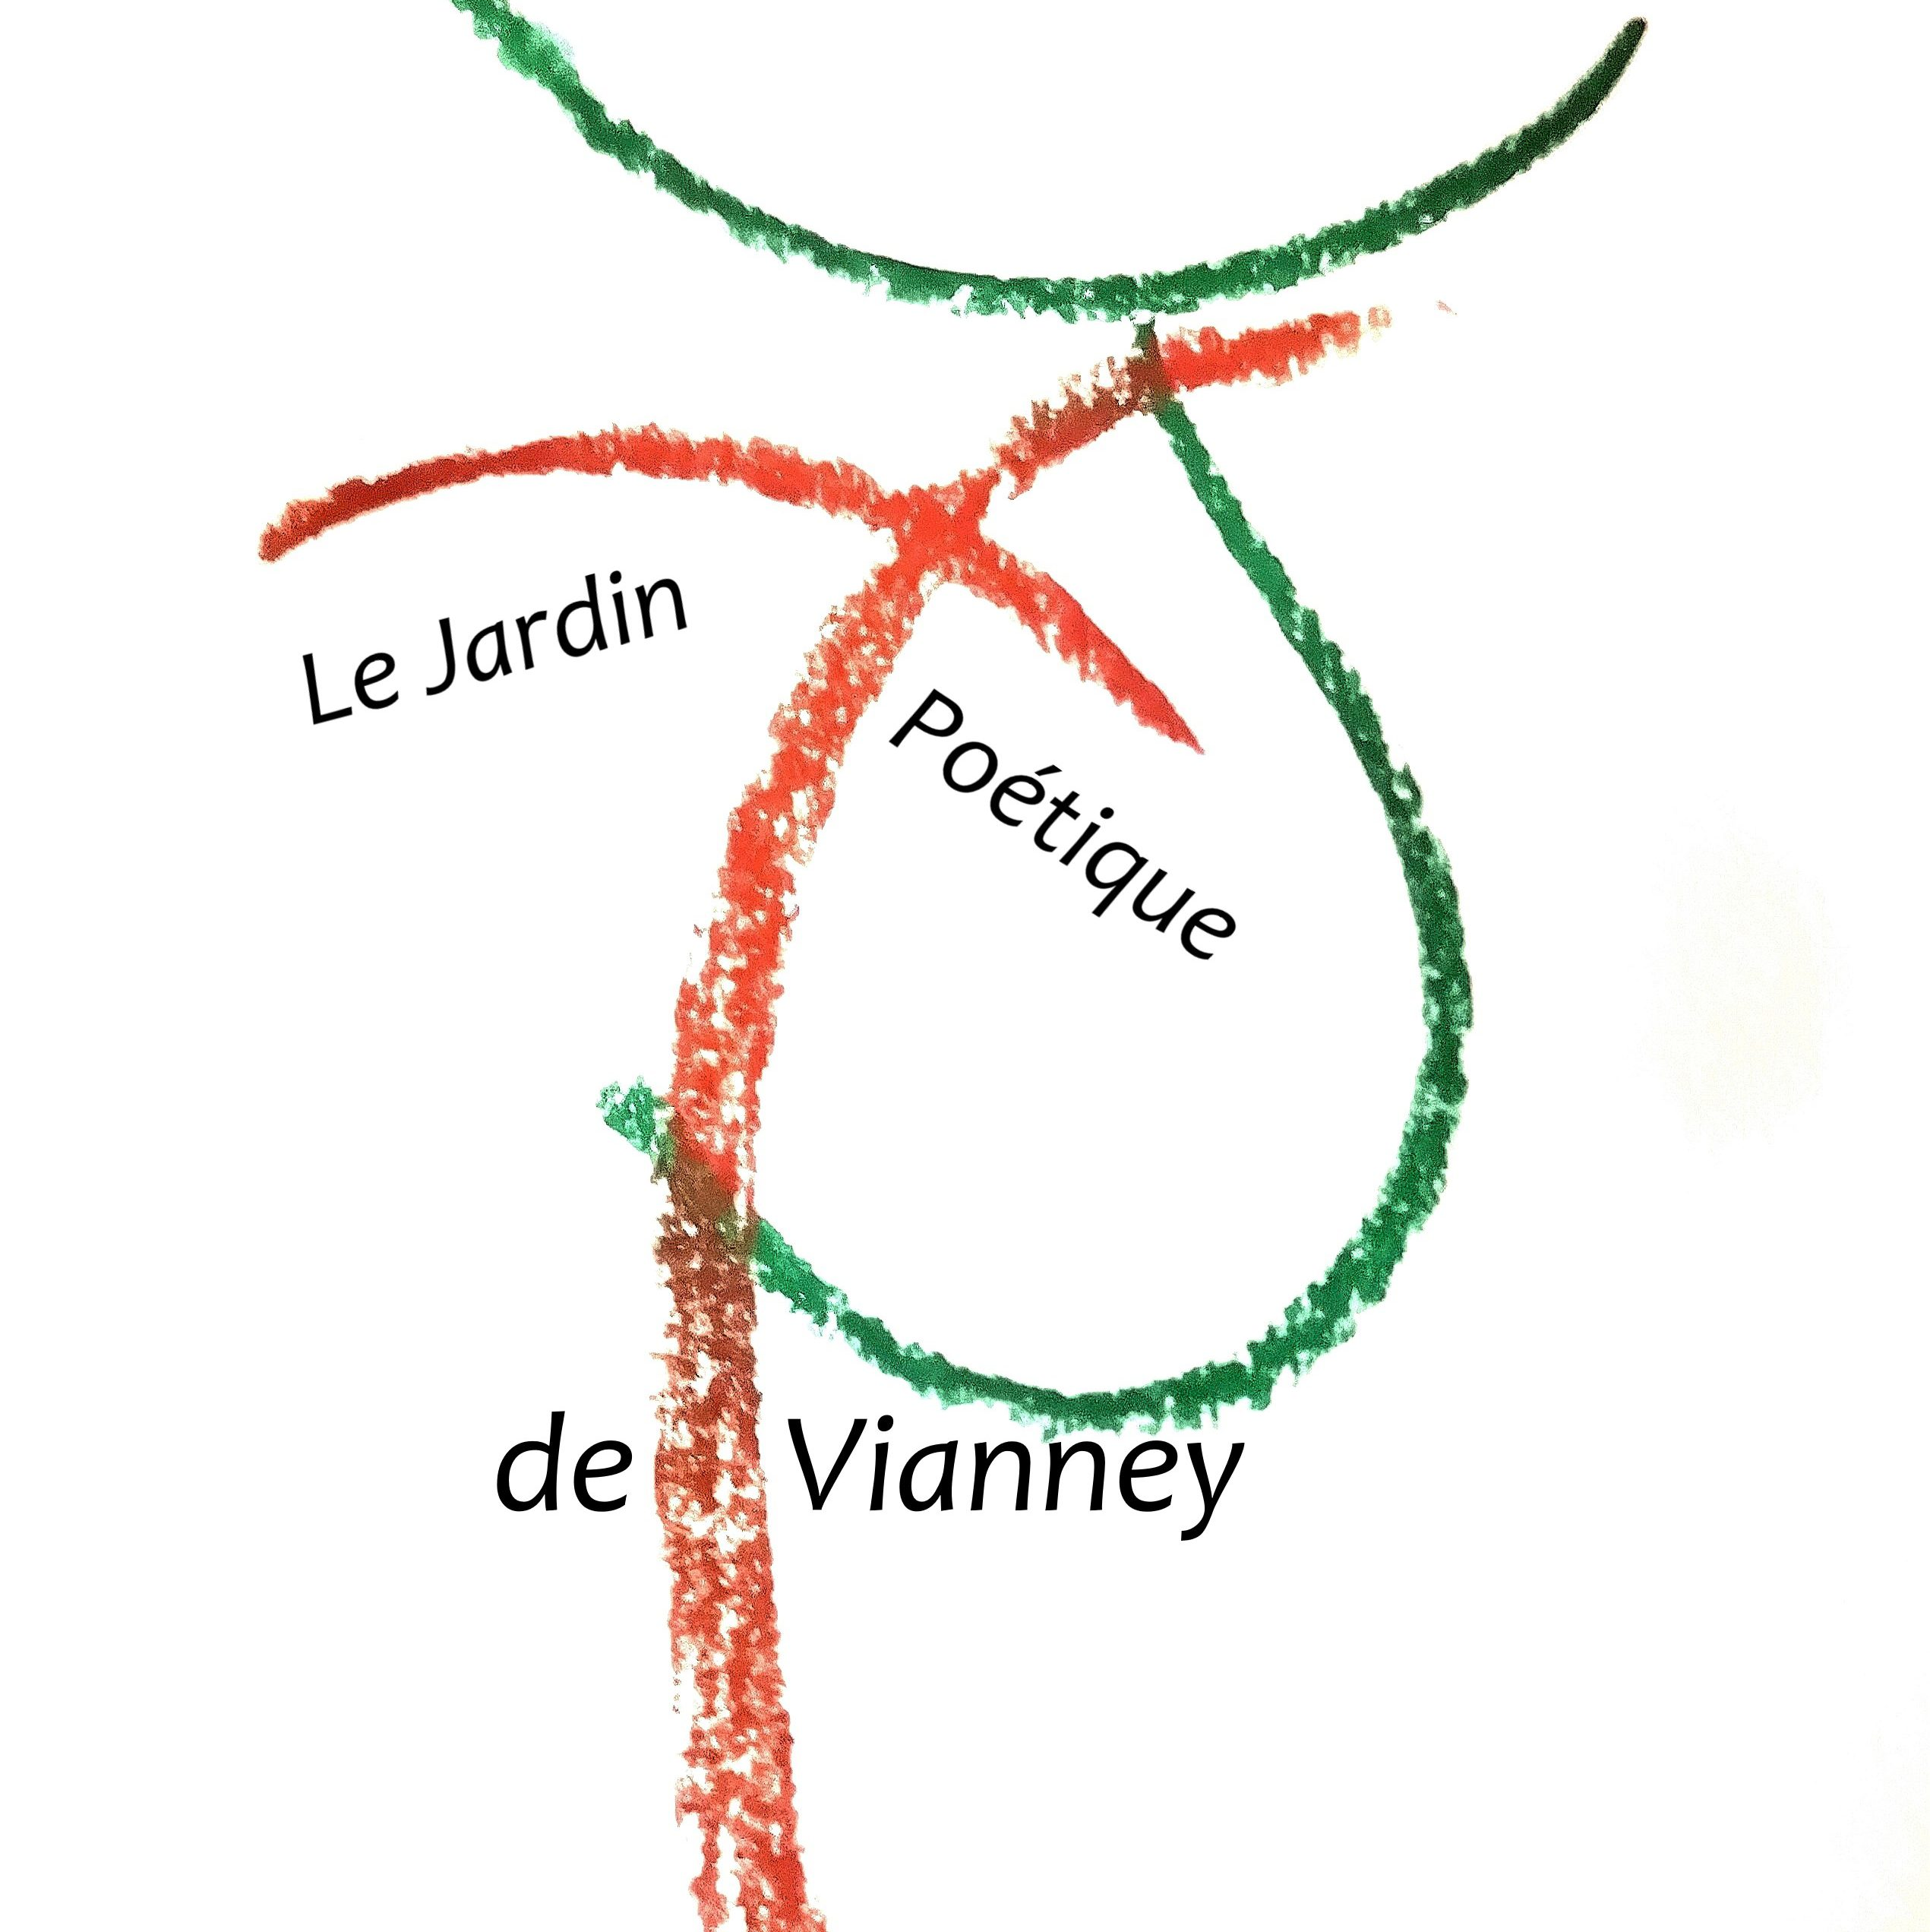 Le Jardin poétique de Vianney